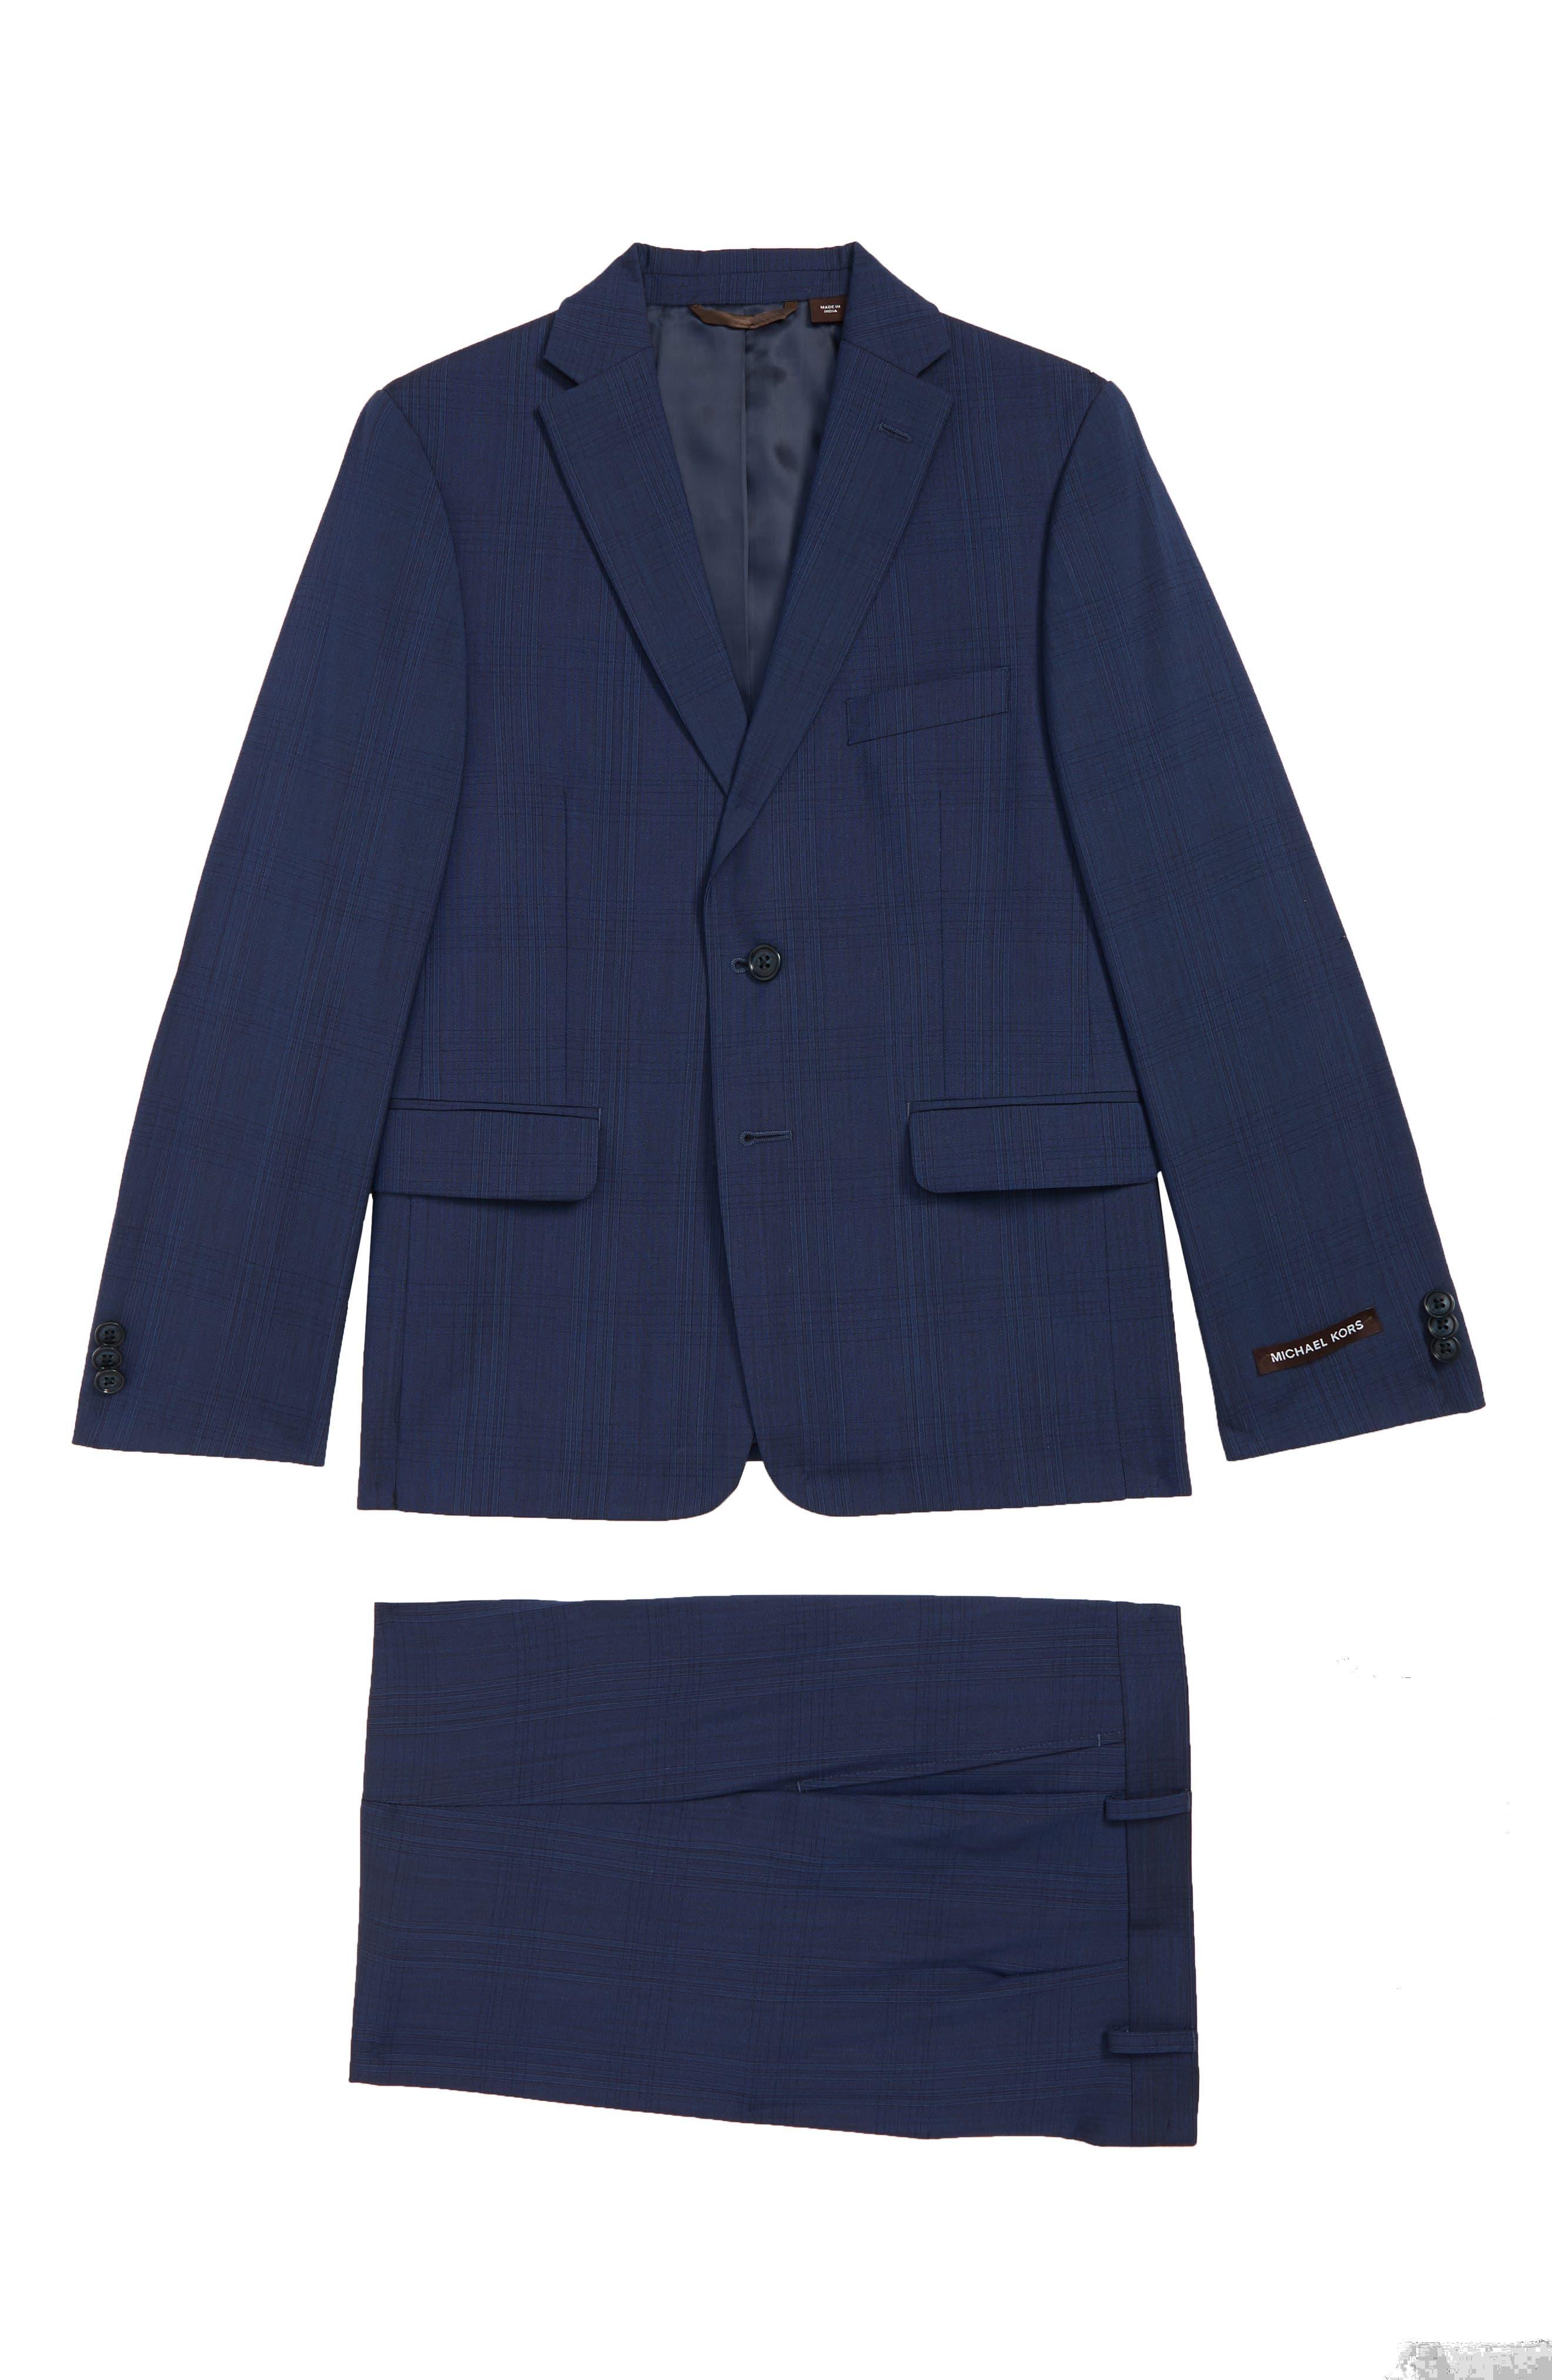 Boys Michael Kors Plaid Suit